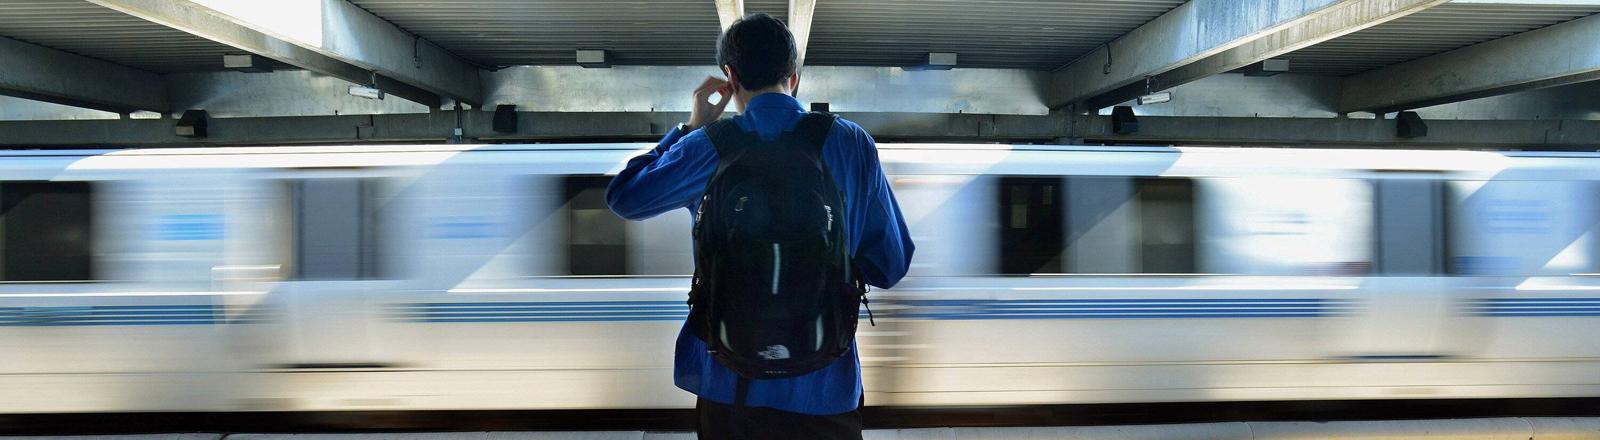 Ein Mann steht vor einer vorbeirauschender Bahn in San Francisco.